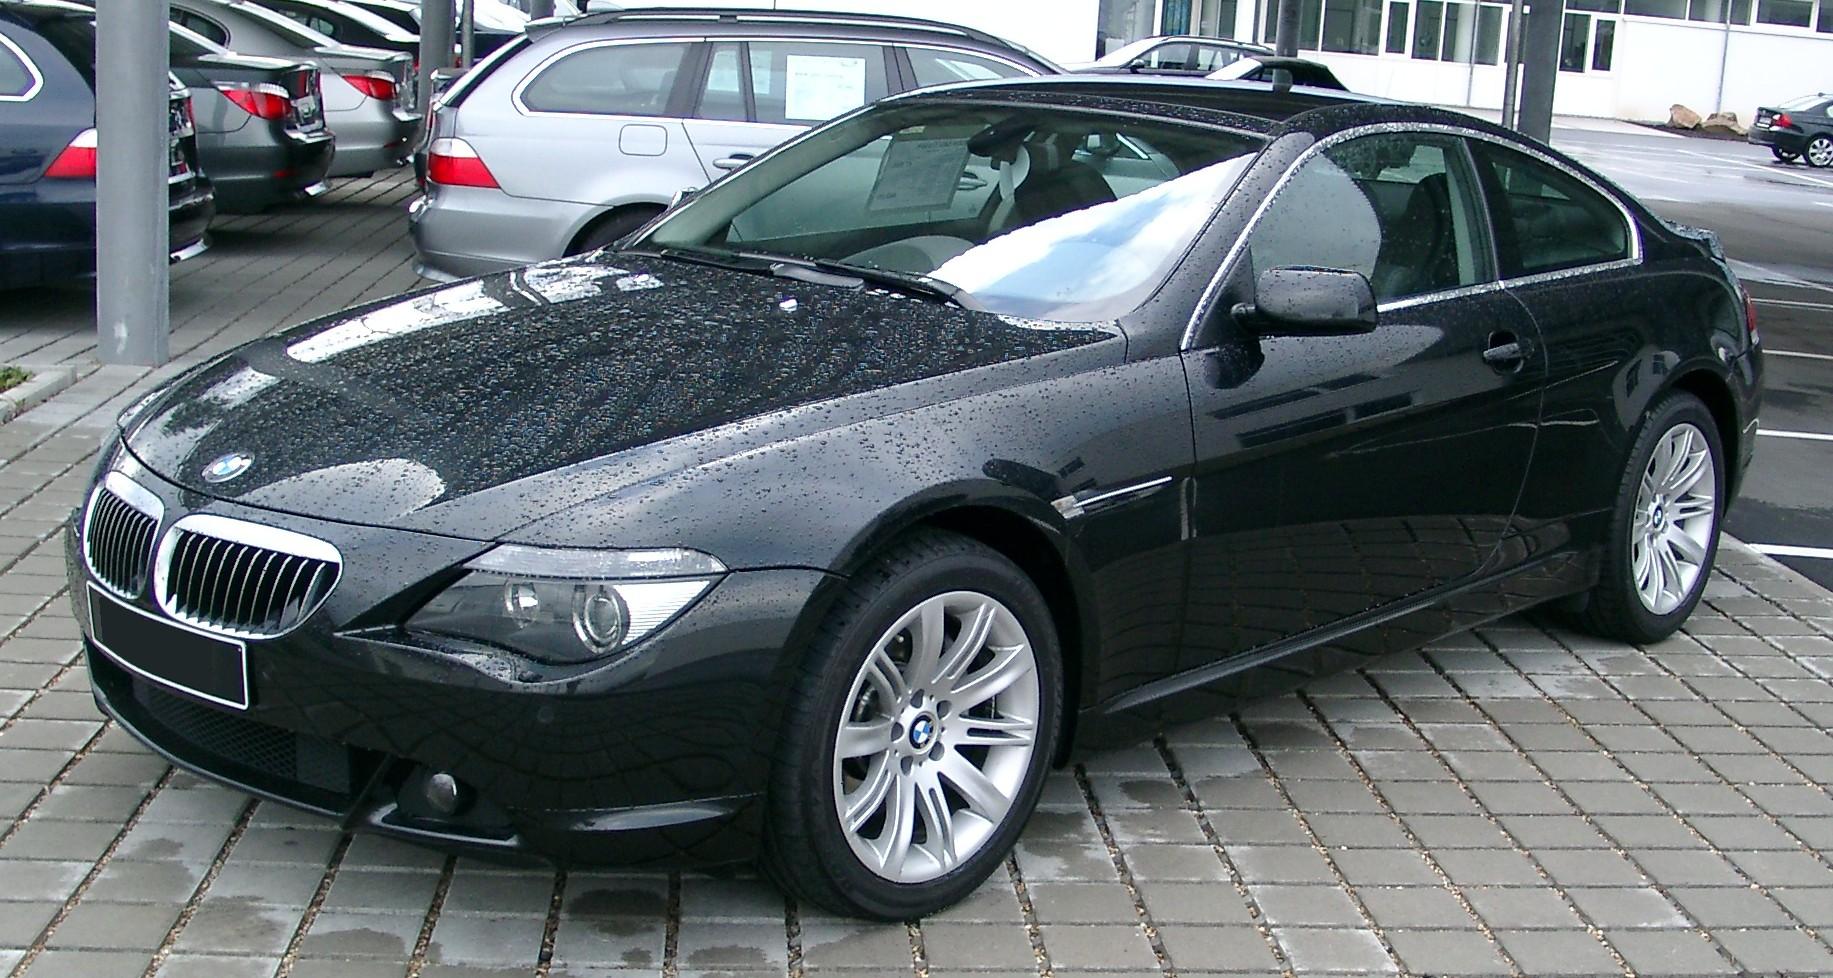 Fiche Technique BMW Série 3  L'argus